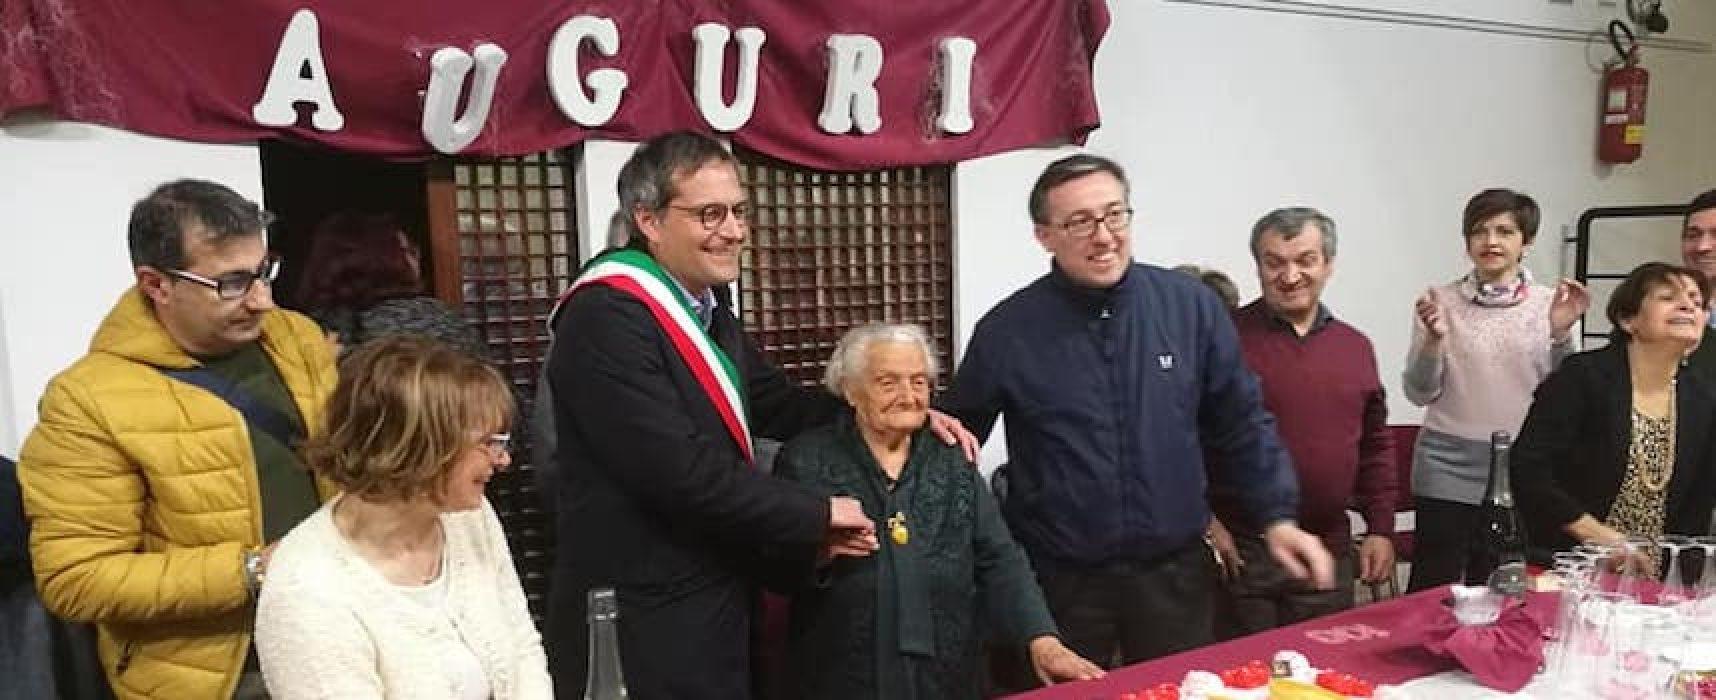 Nonna Isabella spegne 100 candeline, la città la festeggia